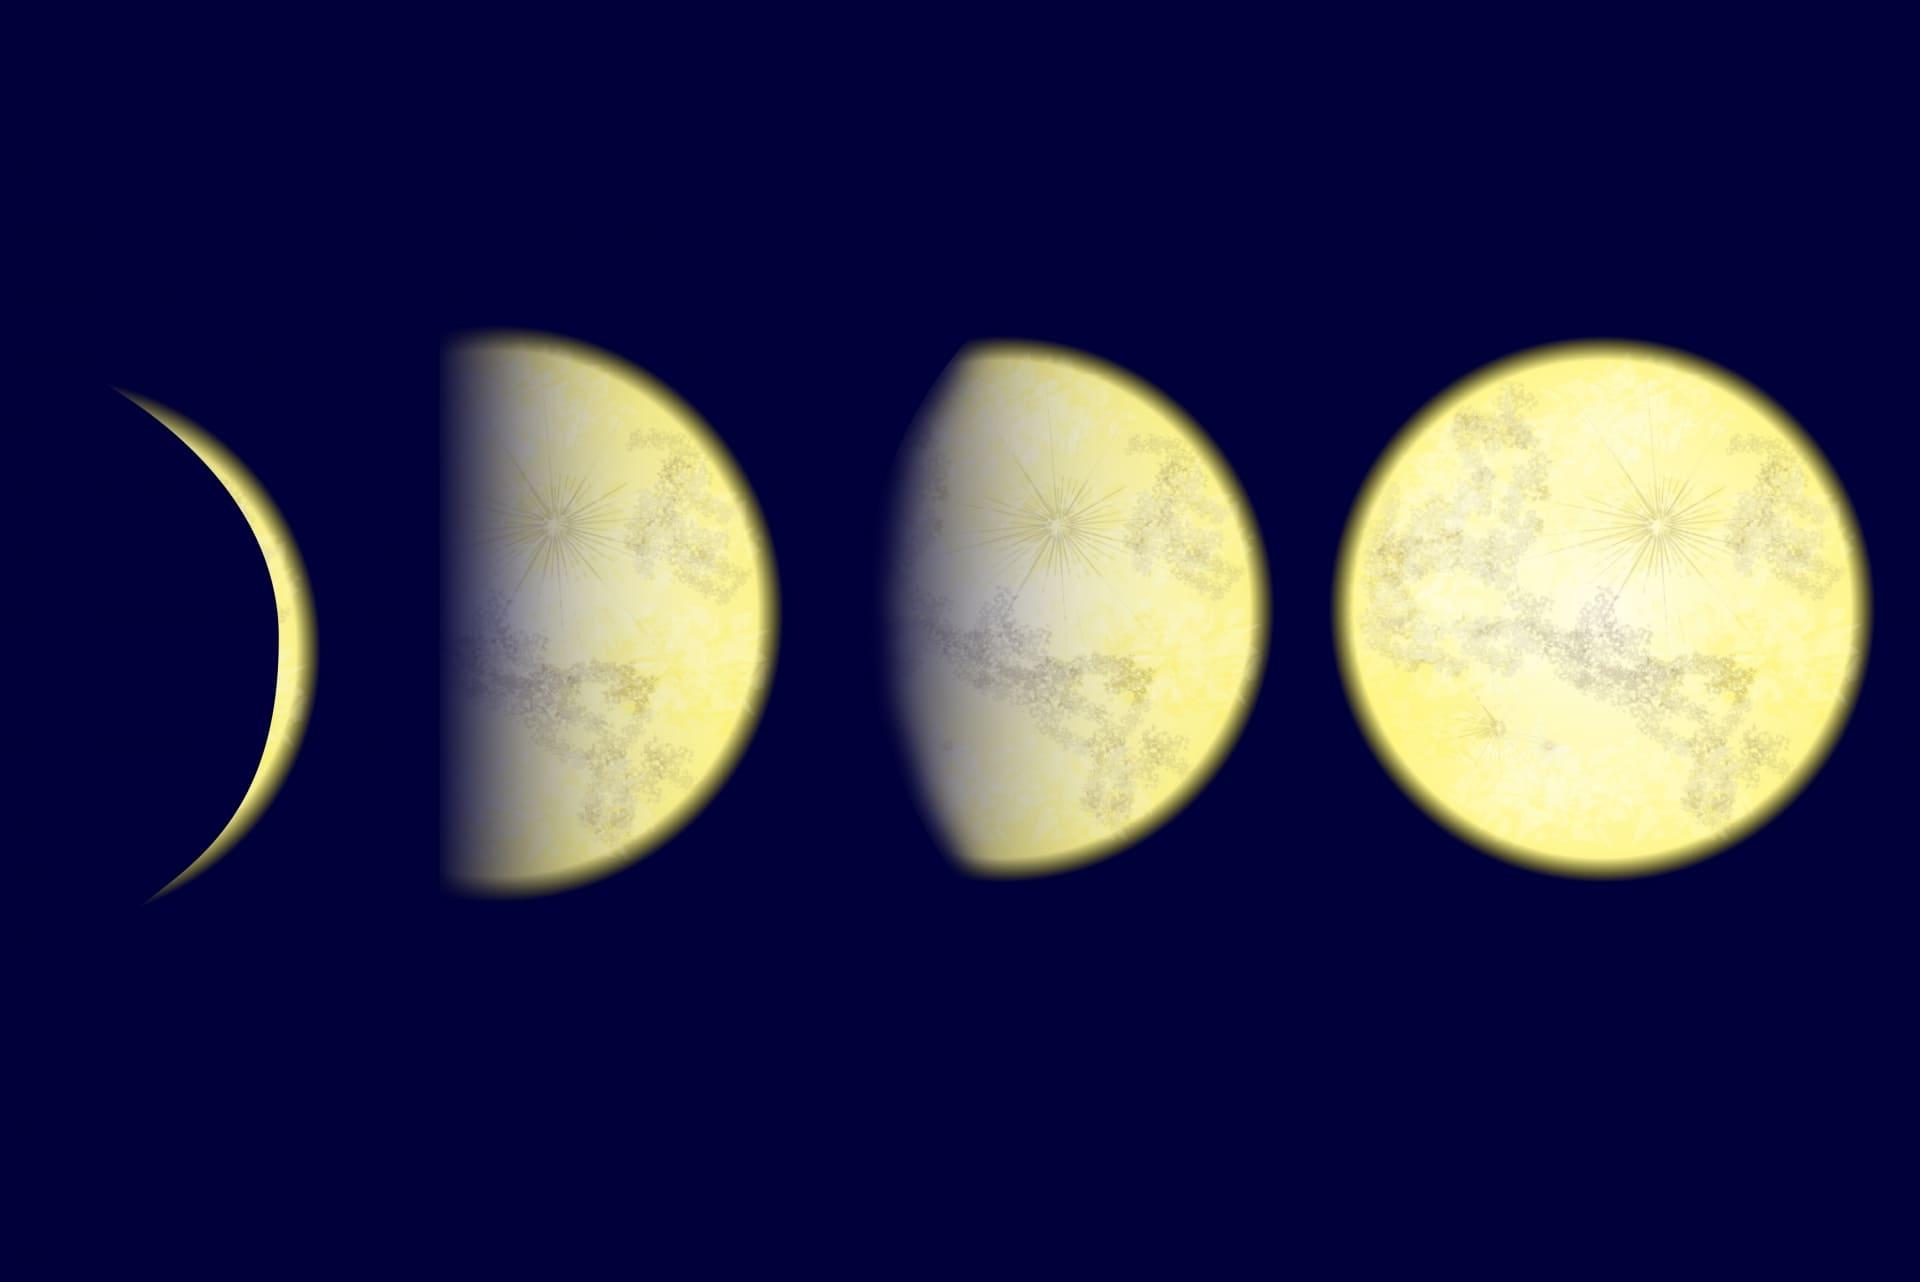 【新月の願い事】2021年1月、山羊座の新月で叶うあなたの願い事は?